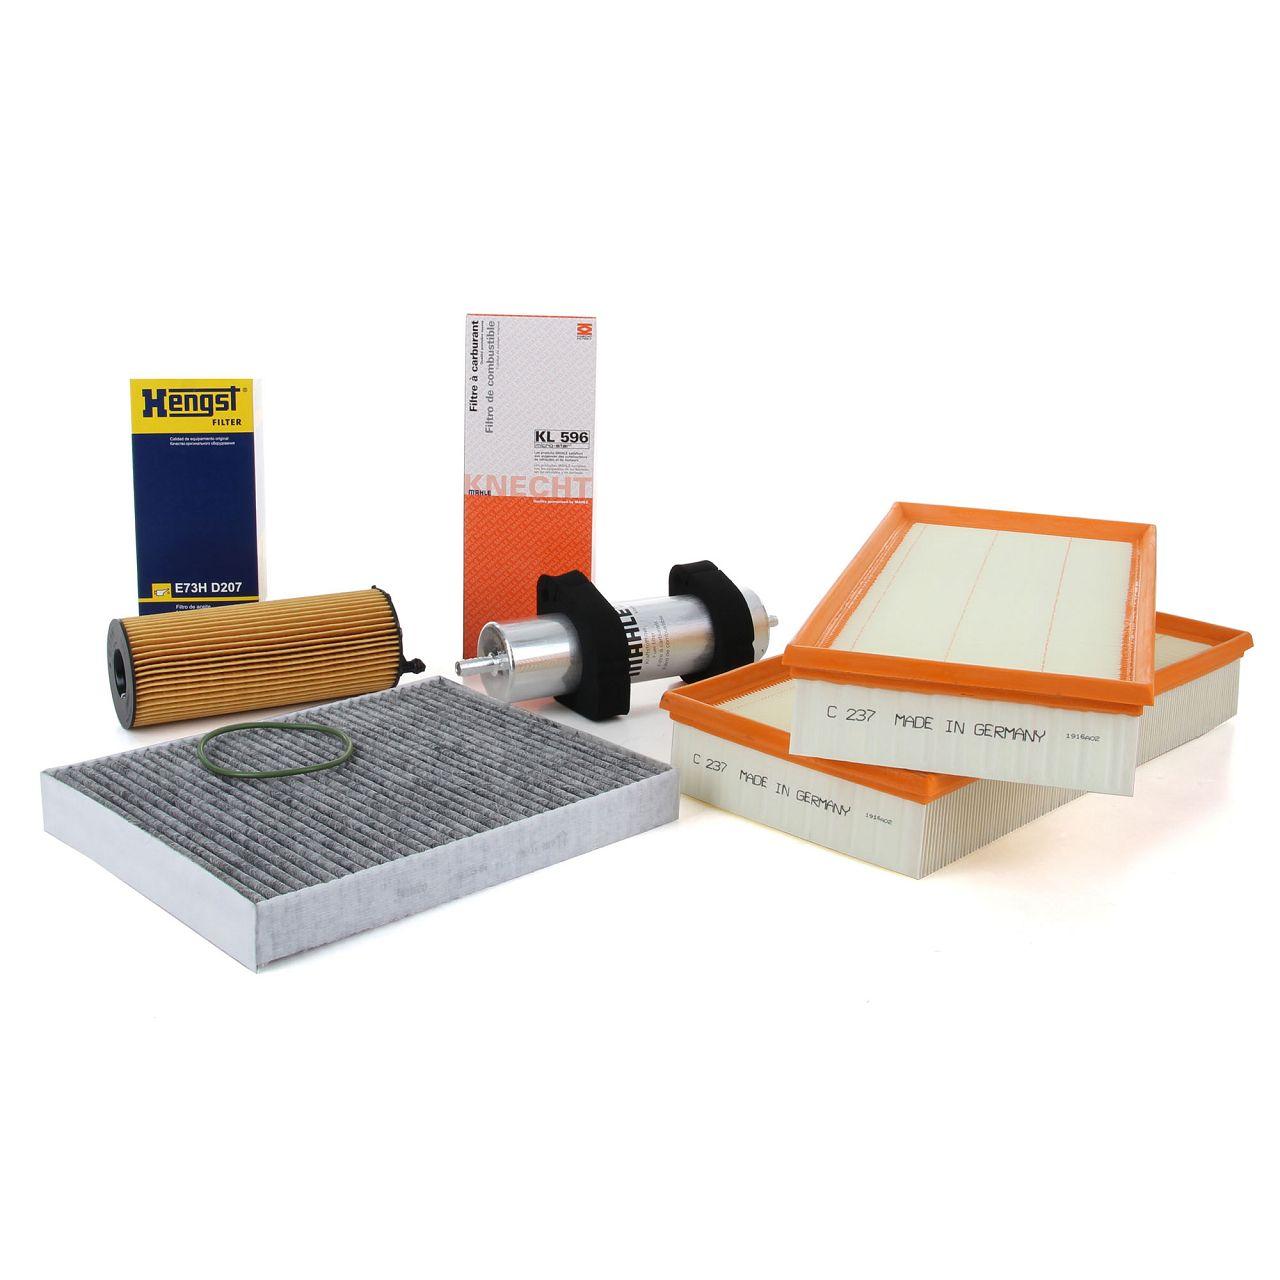 Inspektionskit Filterpaket Filterset für AUDI Q7 4LB 4.2 TDI quattro 340 PS CCFC